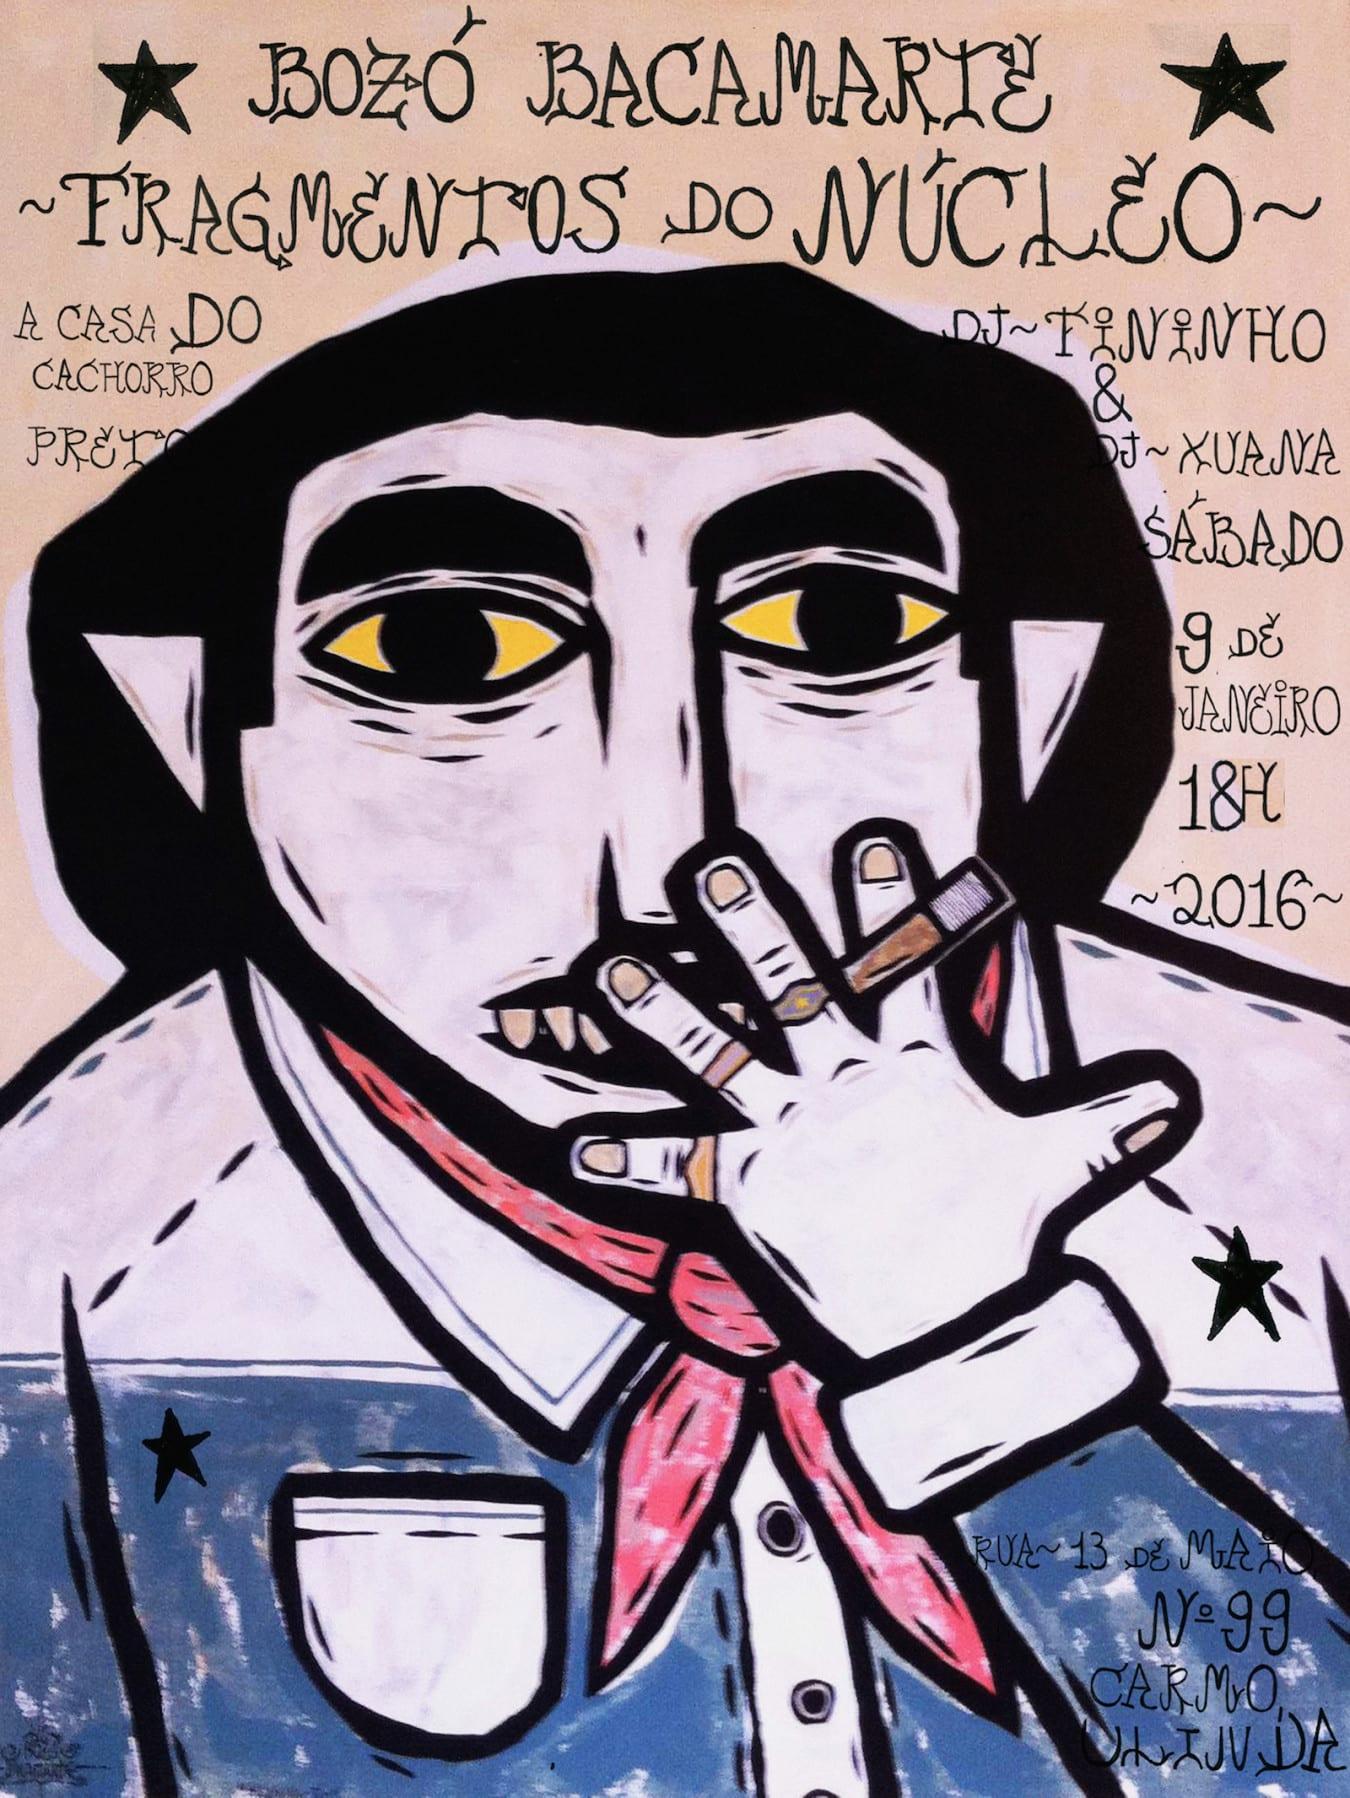 bozo cartaz face - Nova exposição de Bozó Bacamarte